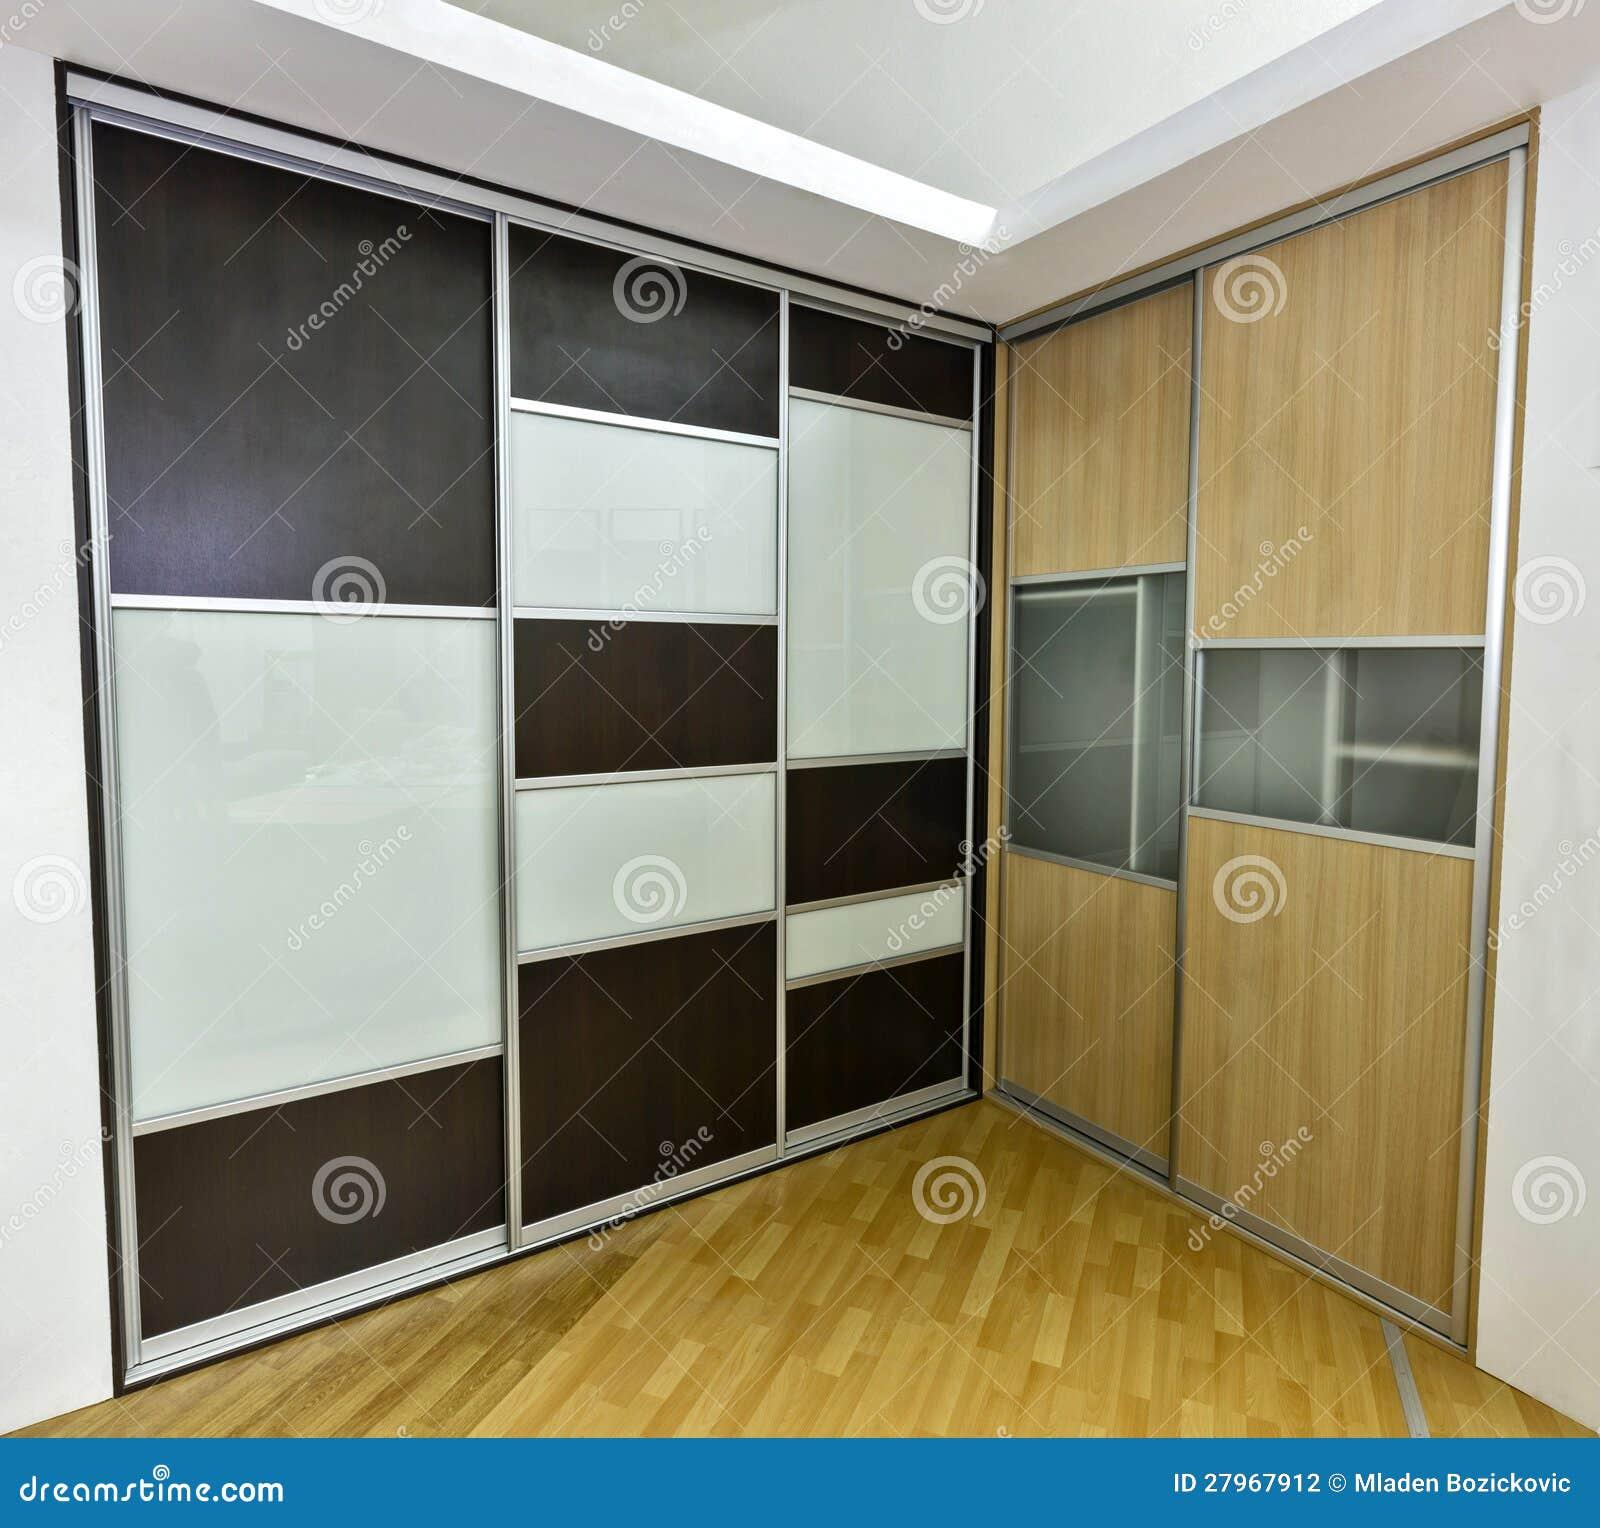 Zwei Wandschränke stockfoto. Bild von chipboard, haupt - 27967912